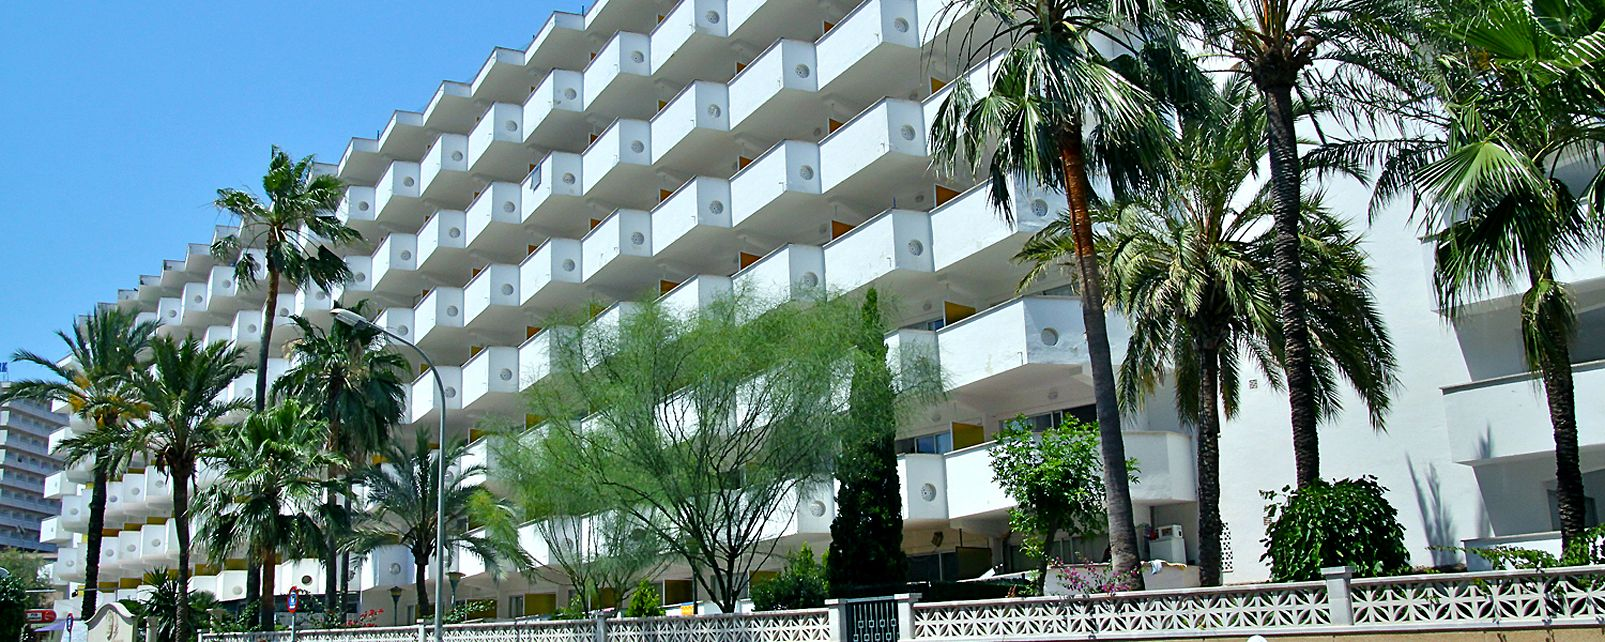 Hôtel Ola Club Panama